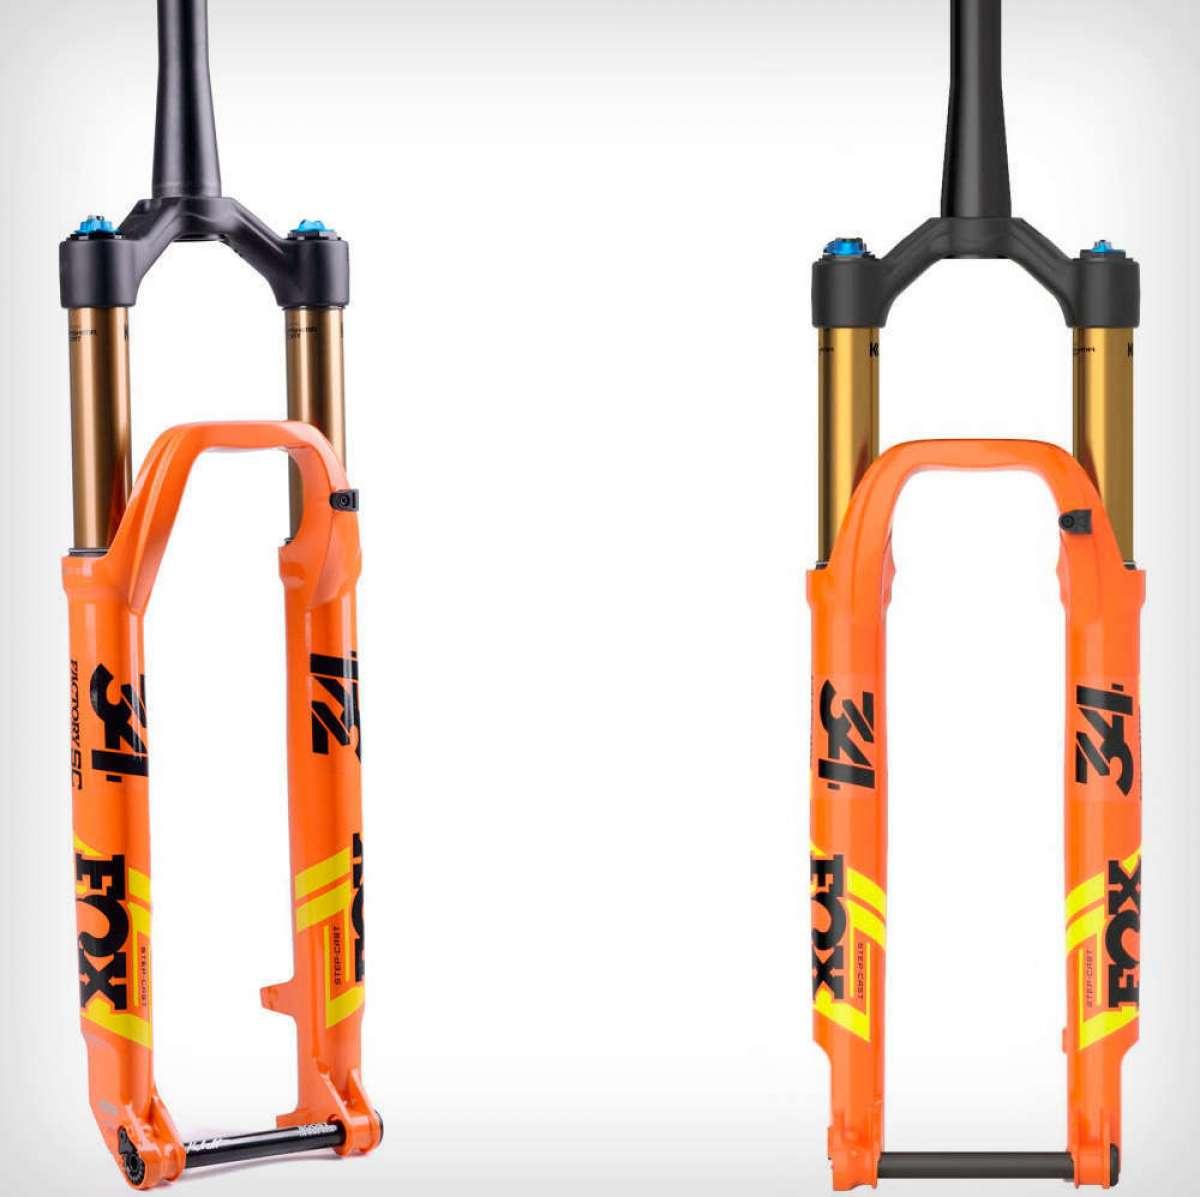 FOX 34 Step-Cast, una horquilla con 120 milímetros de recorrido, gran rigidez y peso ultraligero para bicis de XC y Trail